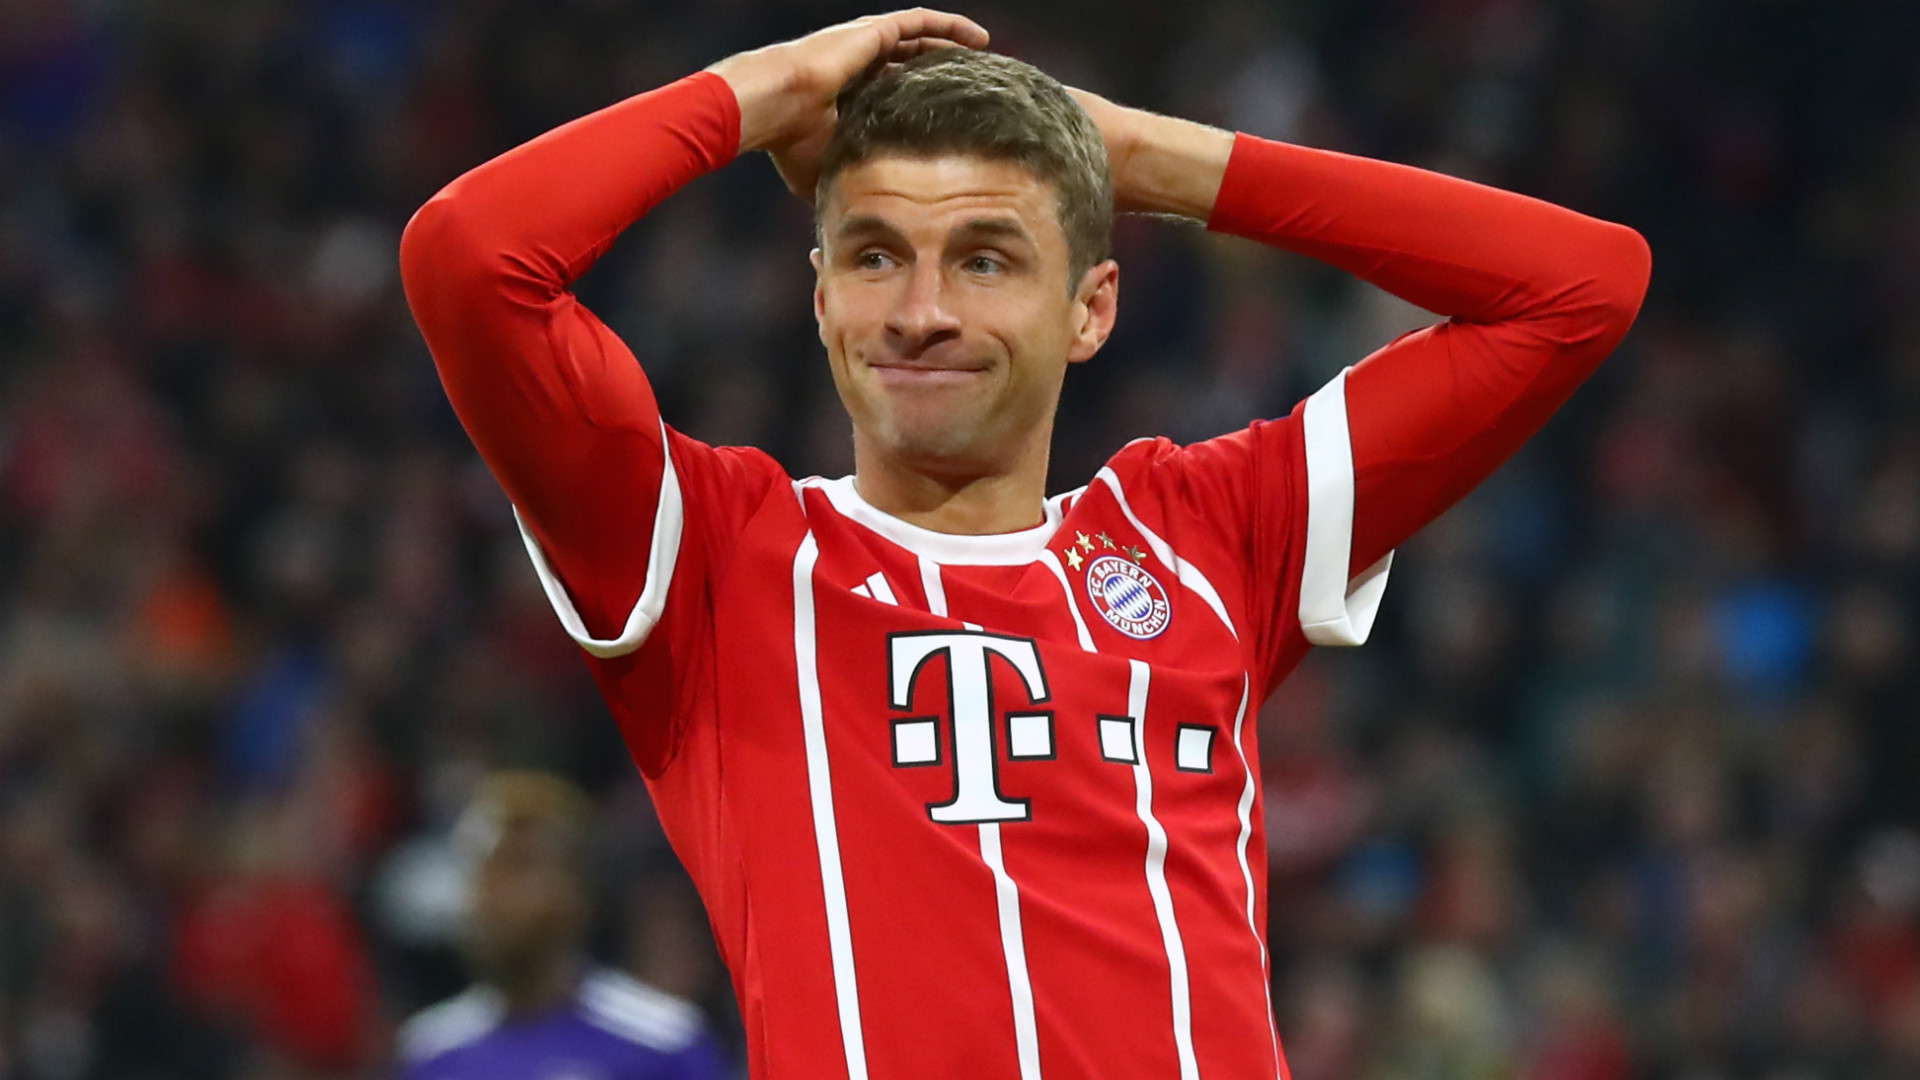 El jugador del club alemán fue sancionado por la UEFA con dos partidos de suspensión por la tarjeta roja que vio en el duelo contra el Ajax